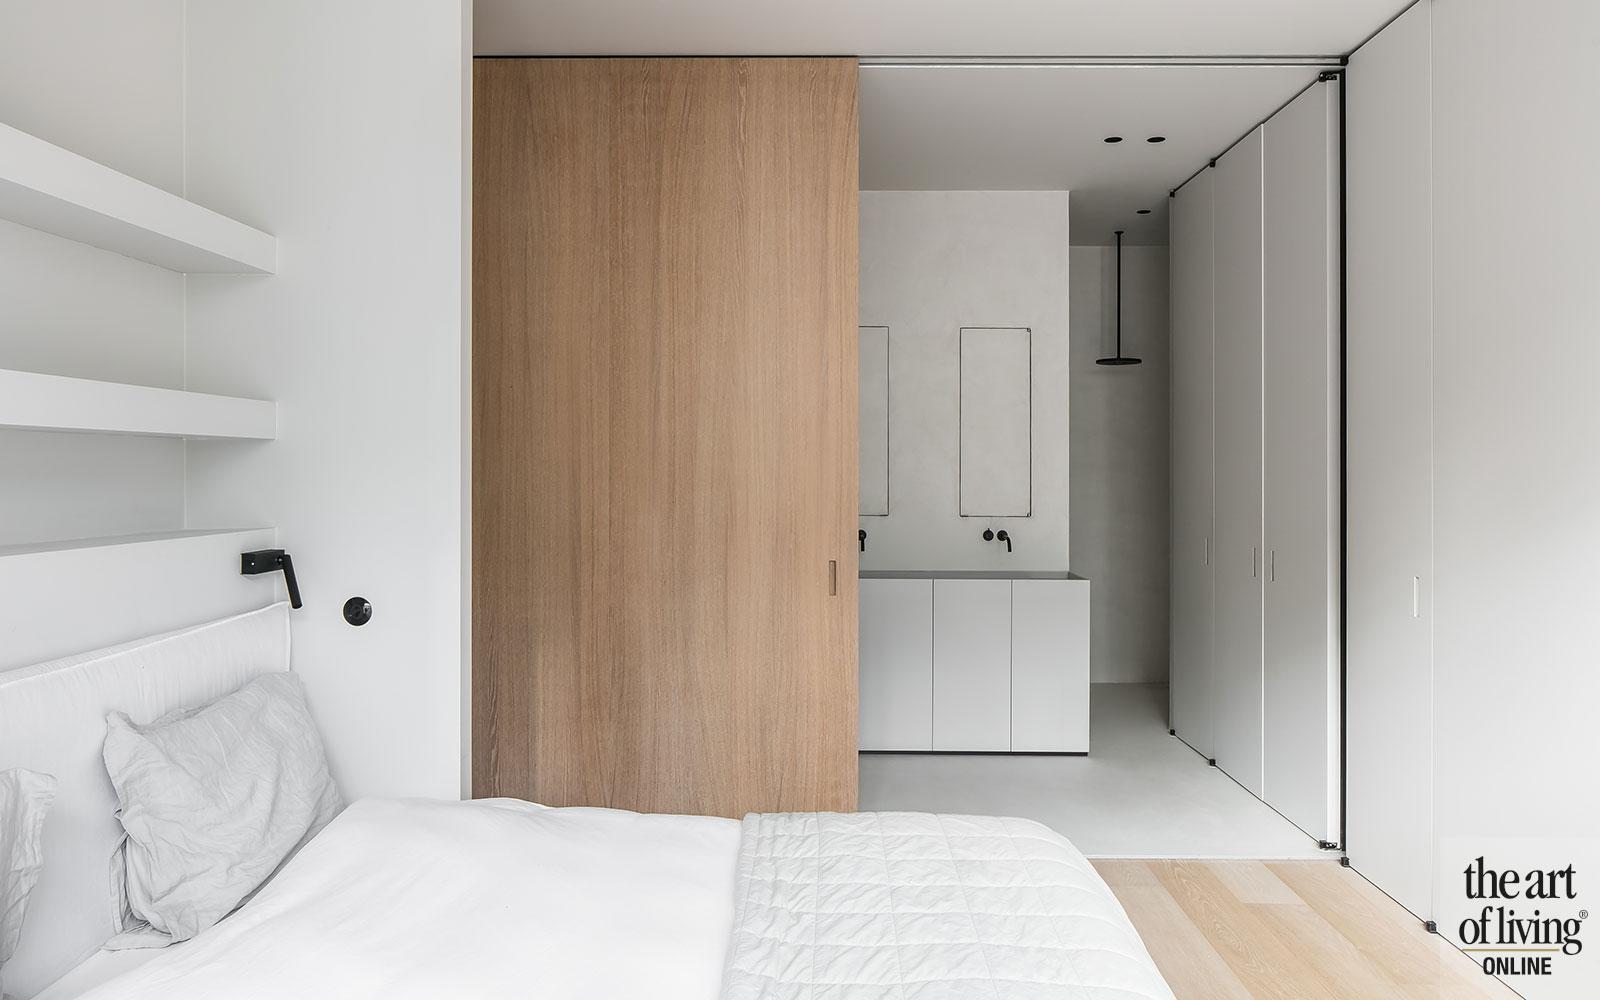 strak, wit, minimalistisch